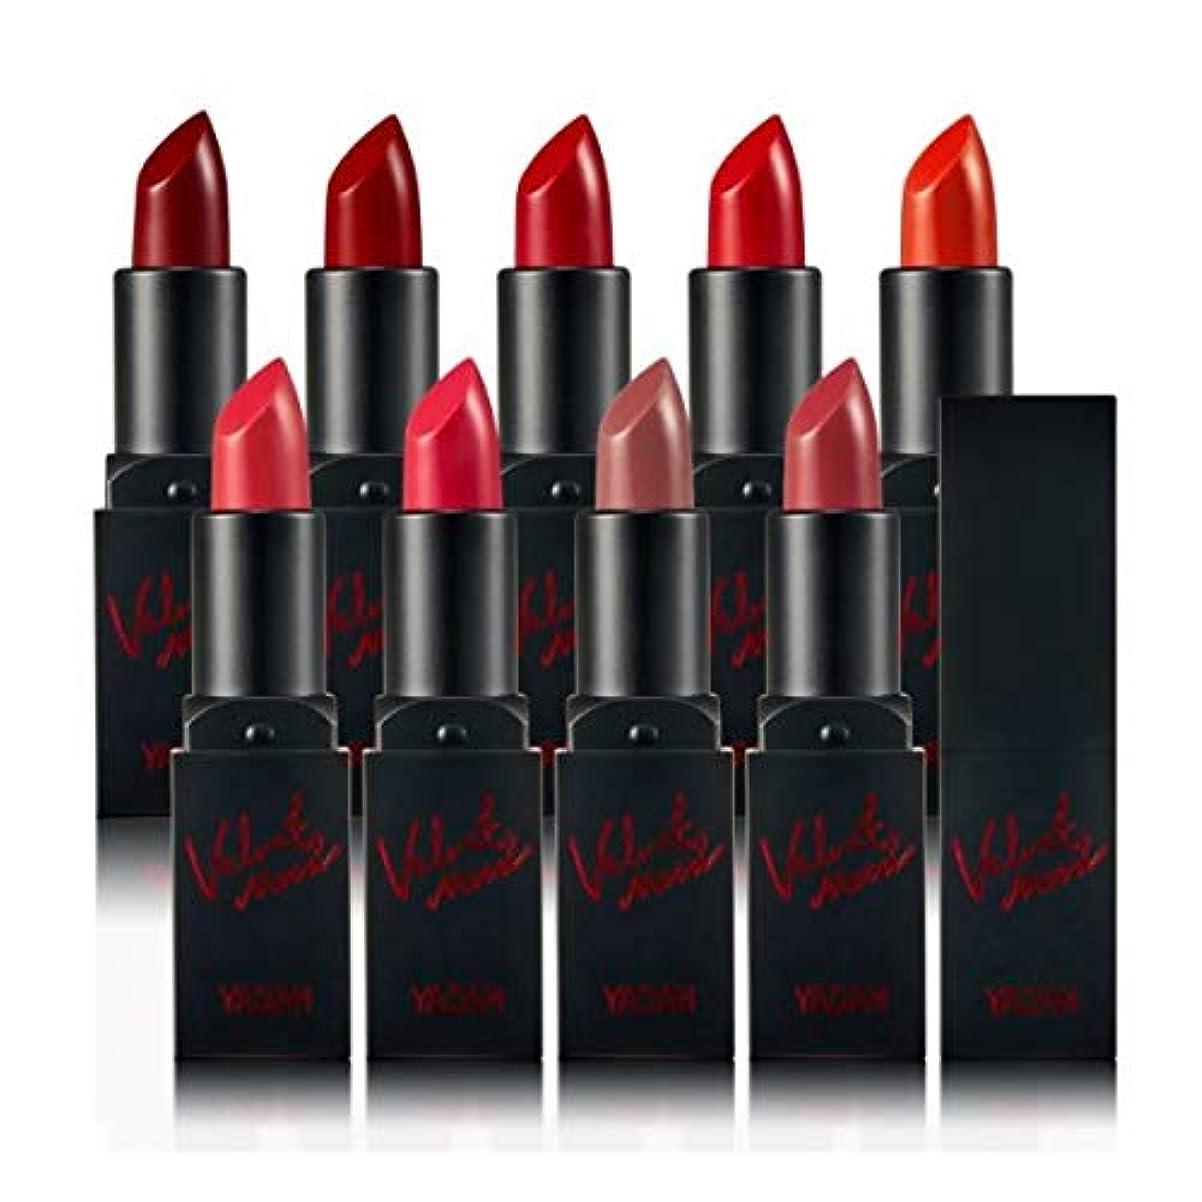 パッケージどちらも変位YADAH Velvet Mood Lipstick #03 Chic Crimson 3.3g ベルベットムードマットリップスティック - 3.3g[並行輸入品]